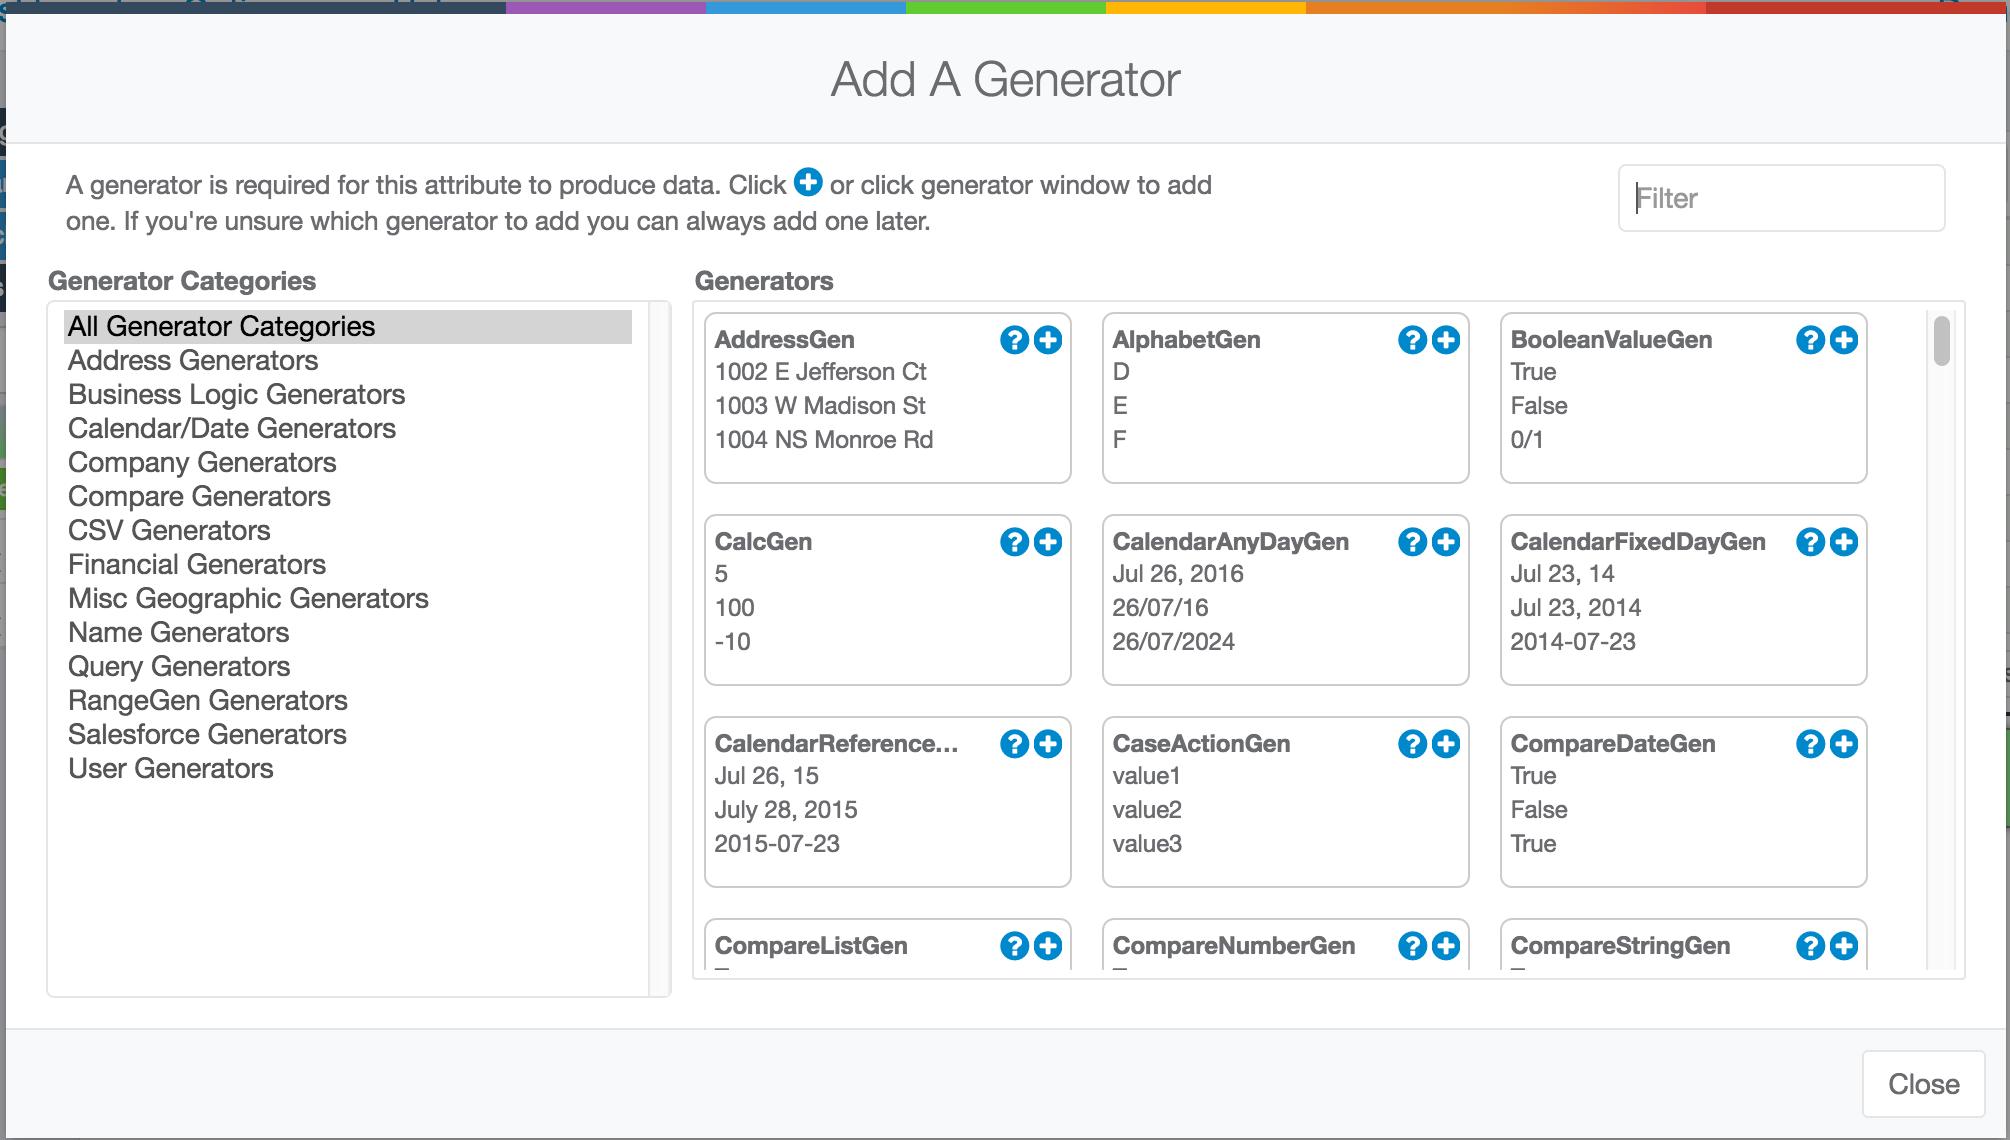 Add a Generator Dialog